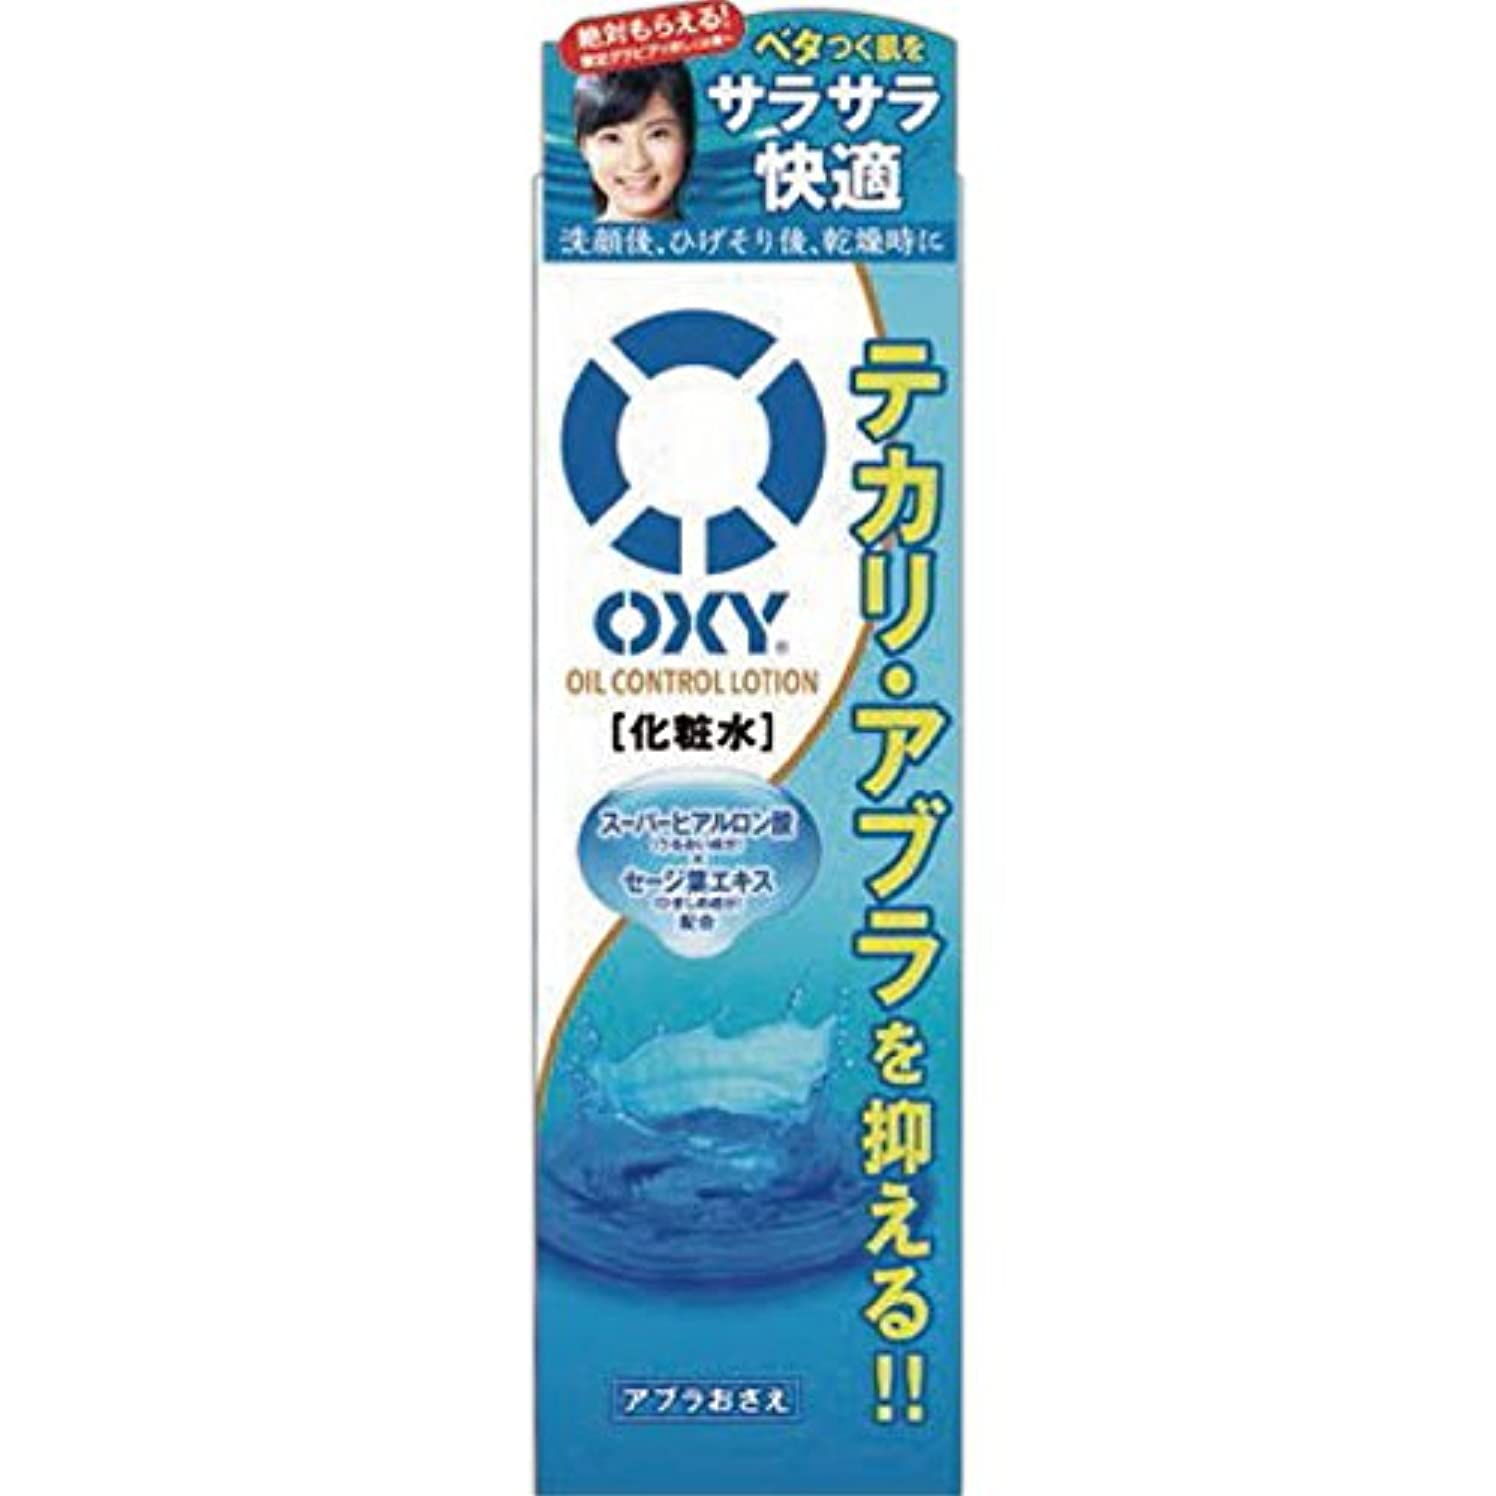 入札カニ硬いオキシー (Oxy) オイルコントロールローション スーパーヒアルロン酸×セージ葉エキス配合 ゼラニウムの香 170mL